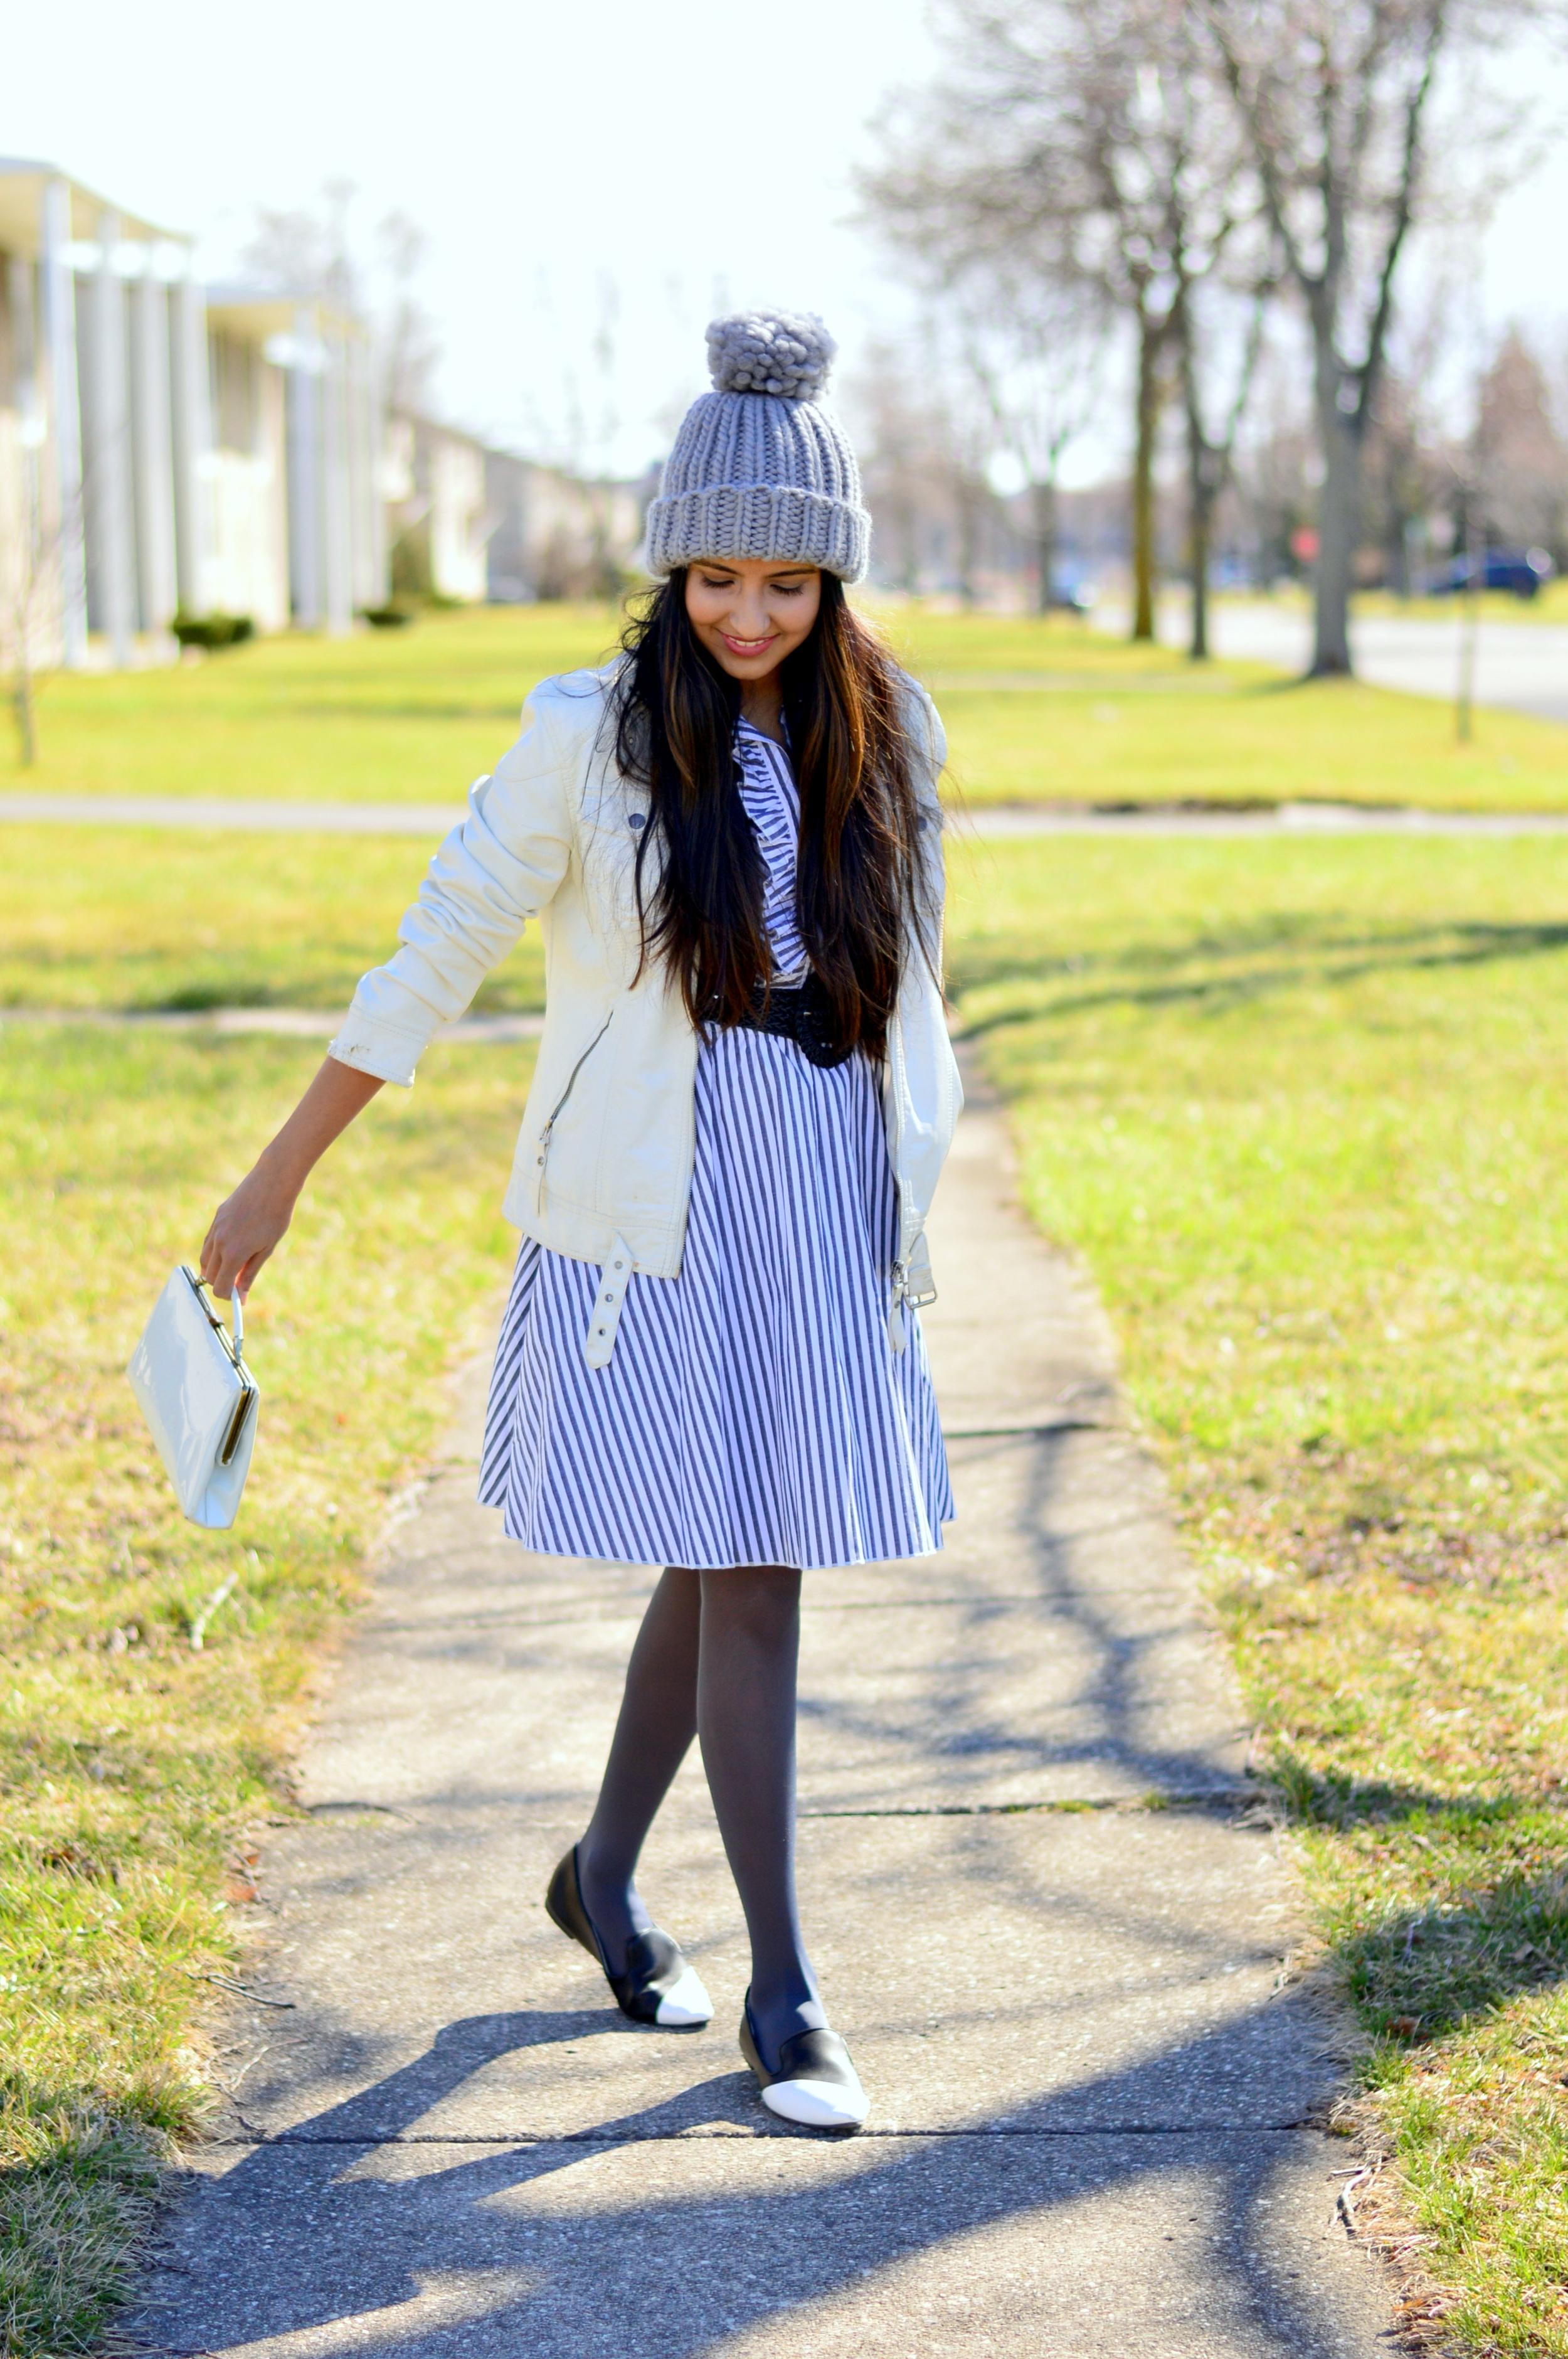 striped-shirtdress-pom-beanie-spring-style 3